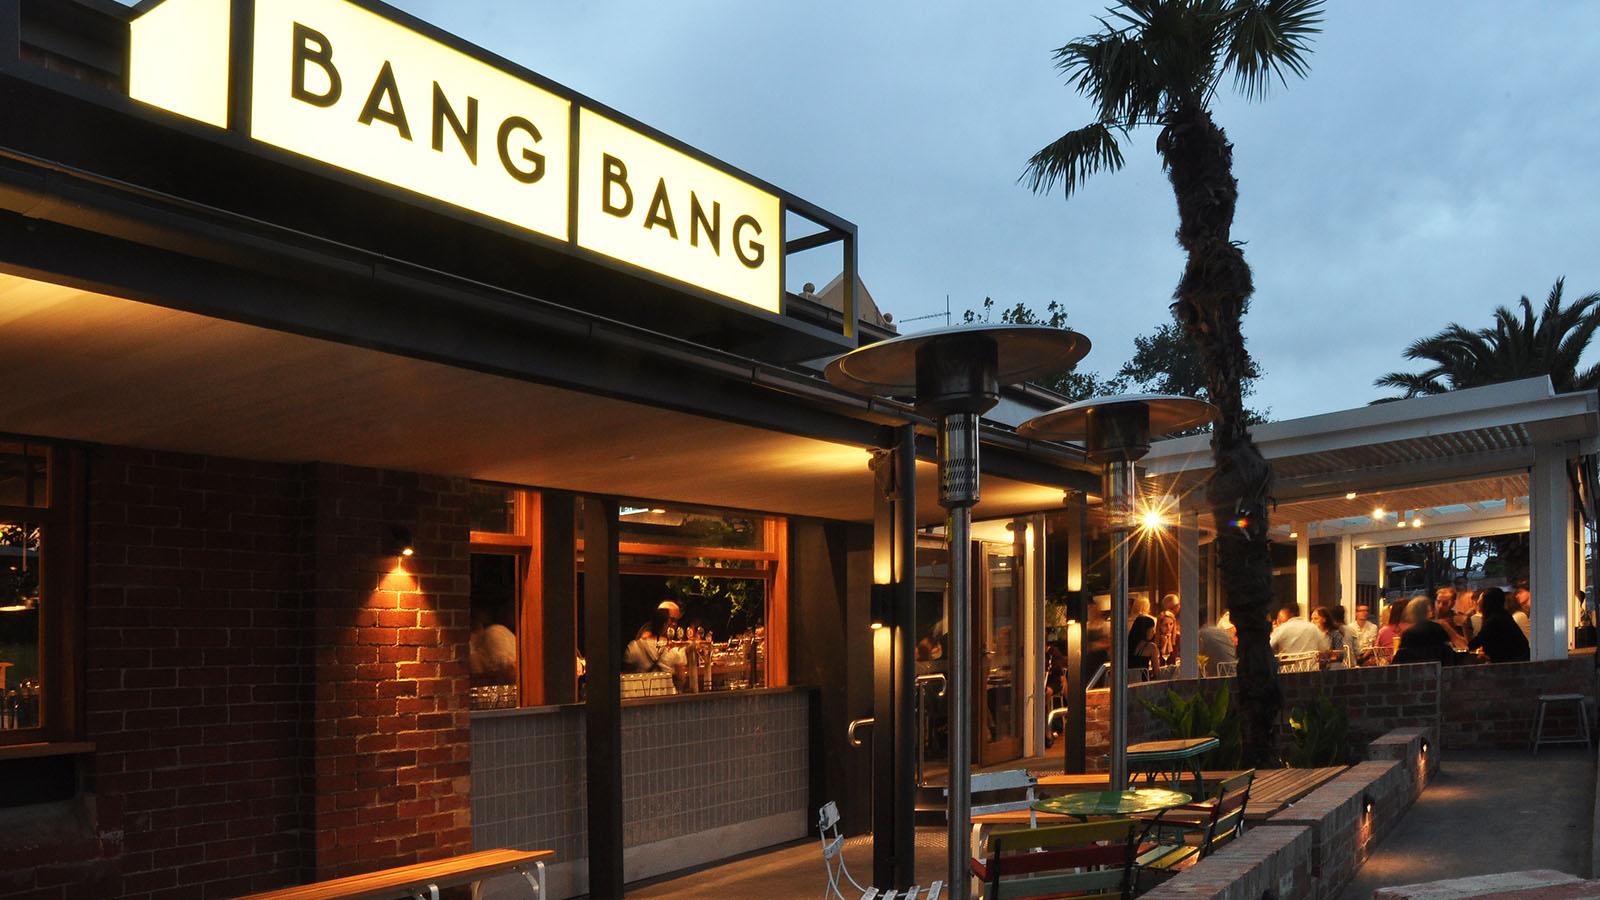 Bang Bang at the Rifle Club, Melbourne, Victoria, Australia